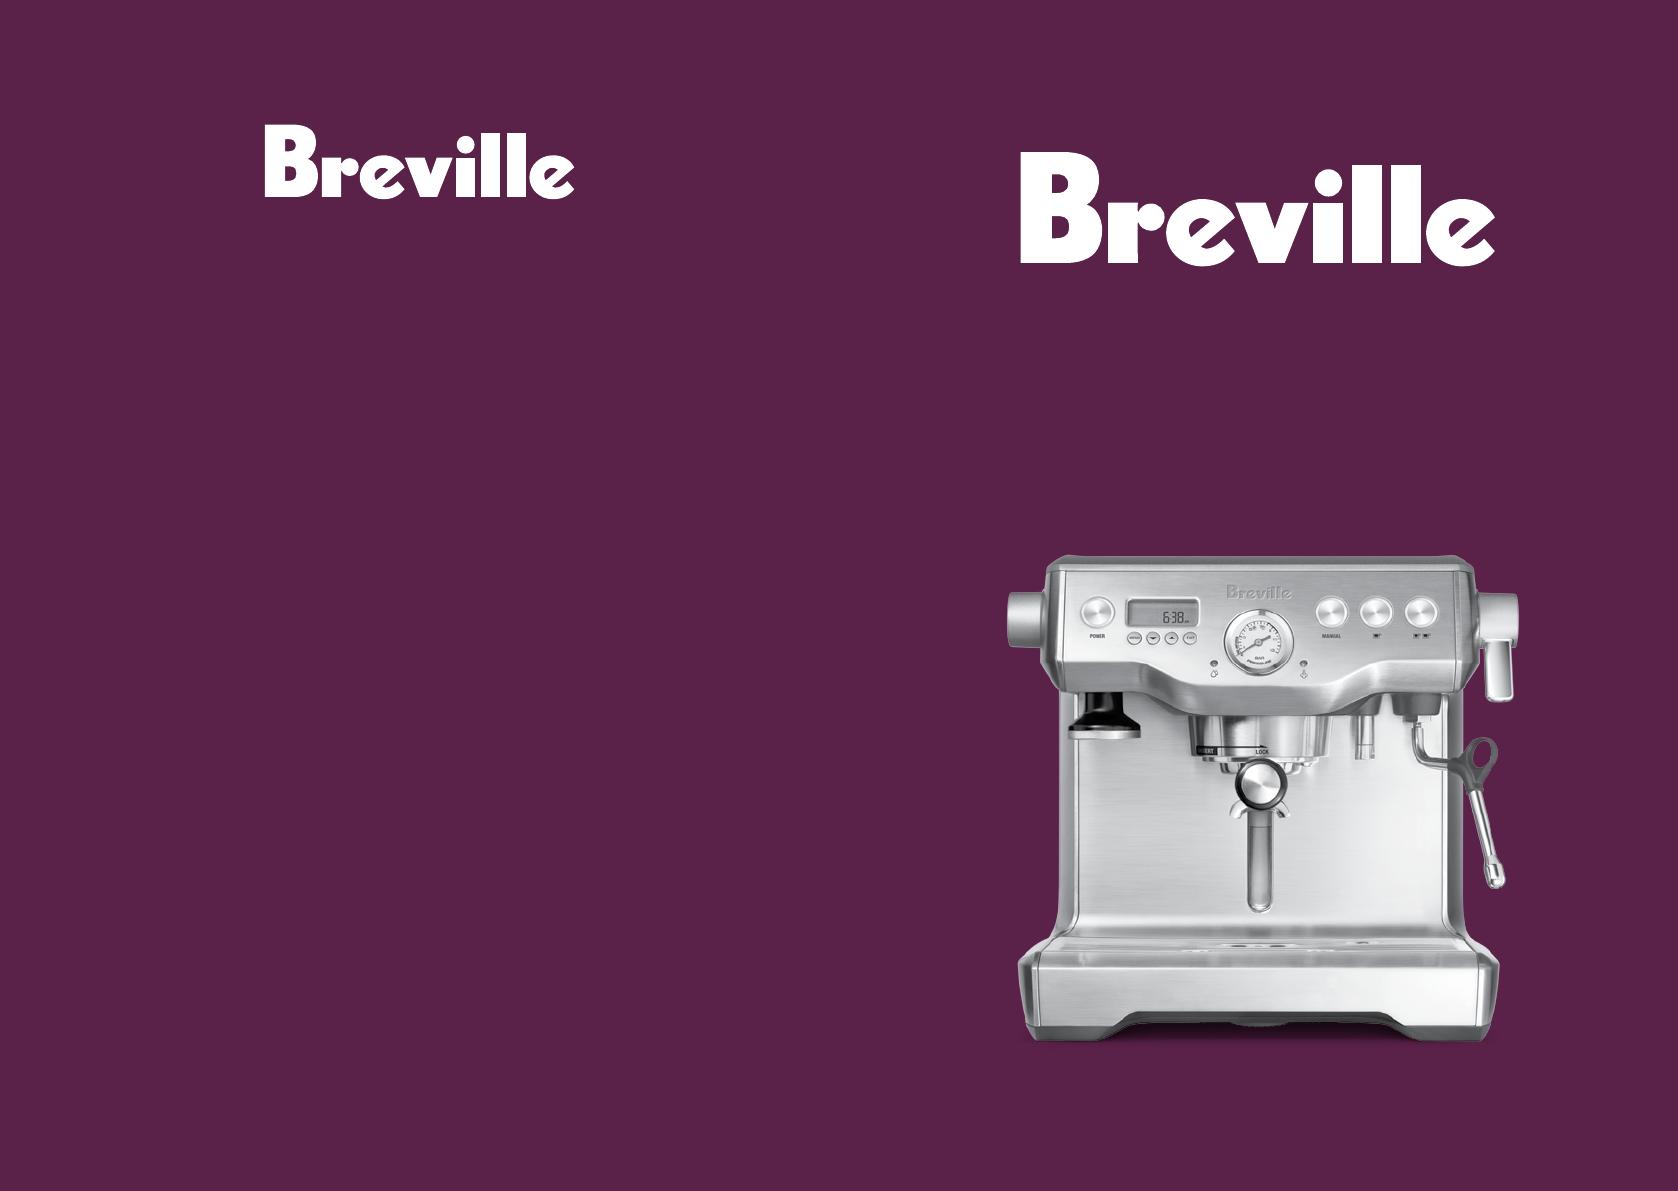 Breville bes900 repair manual